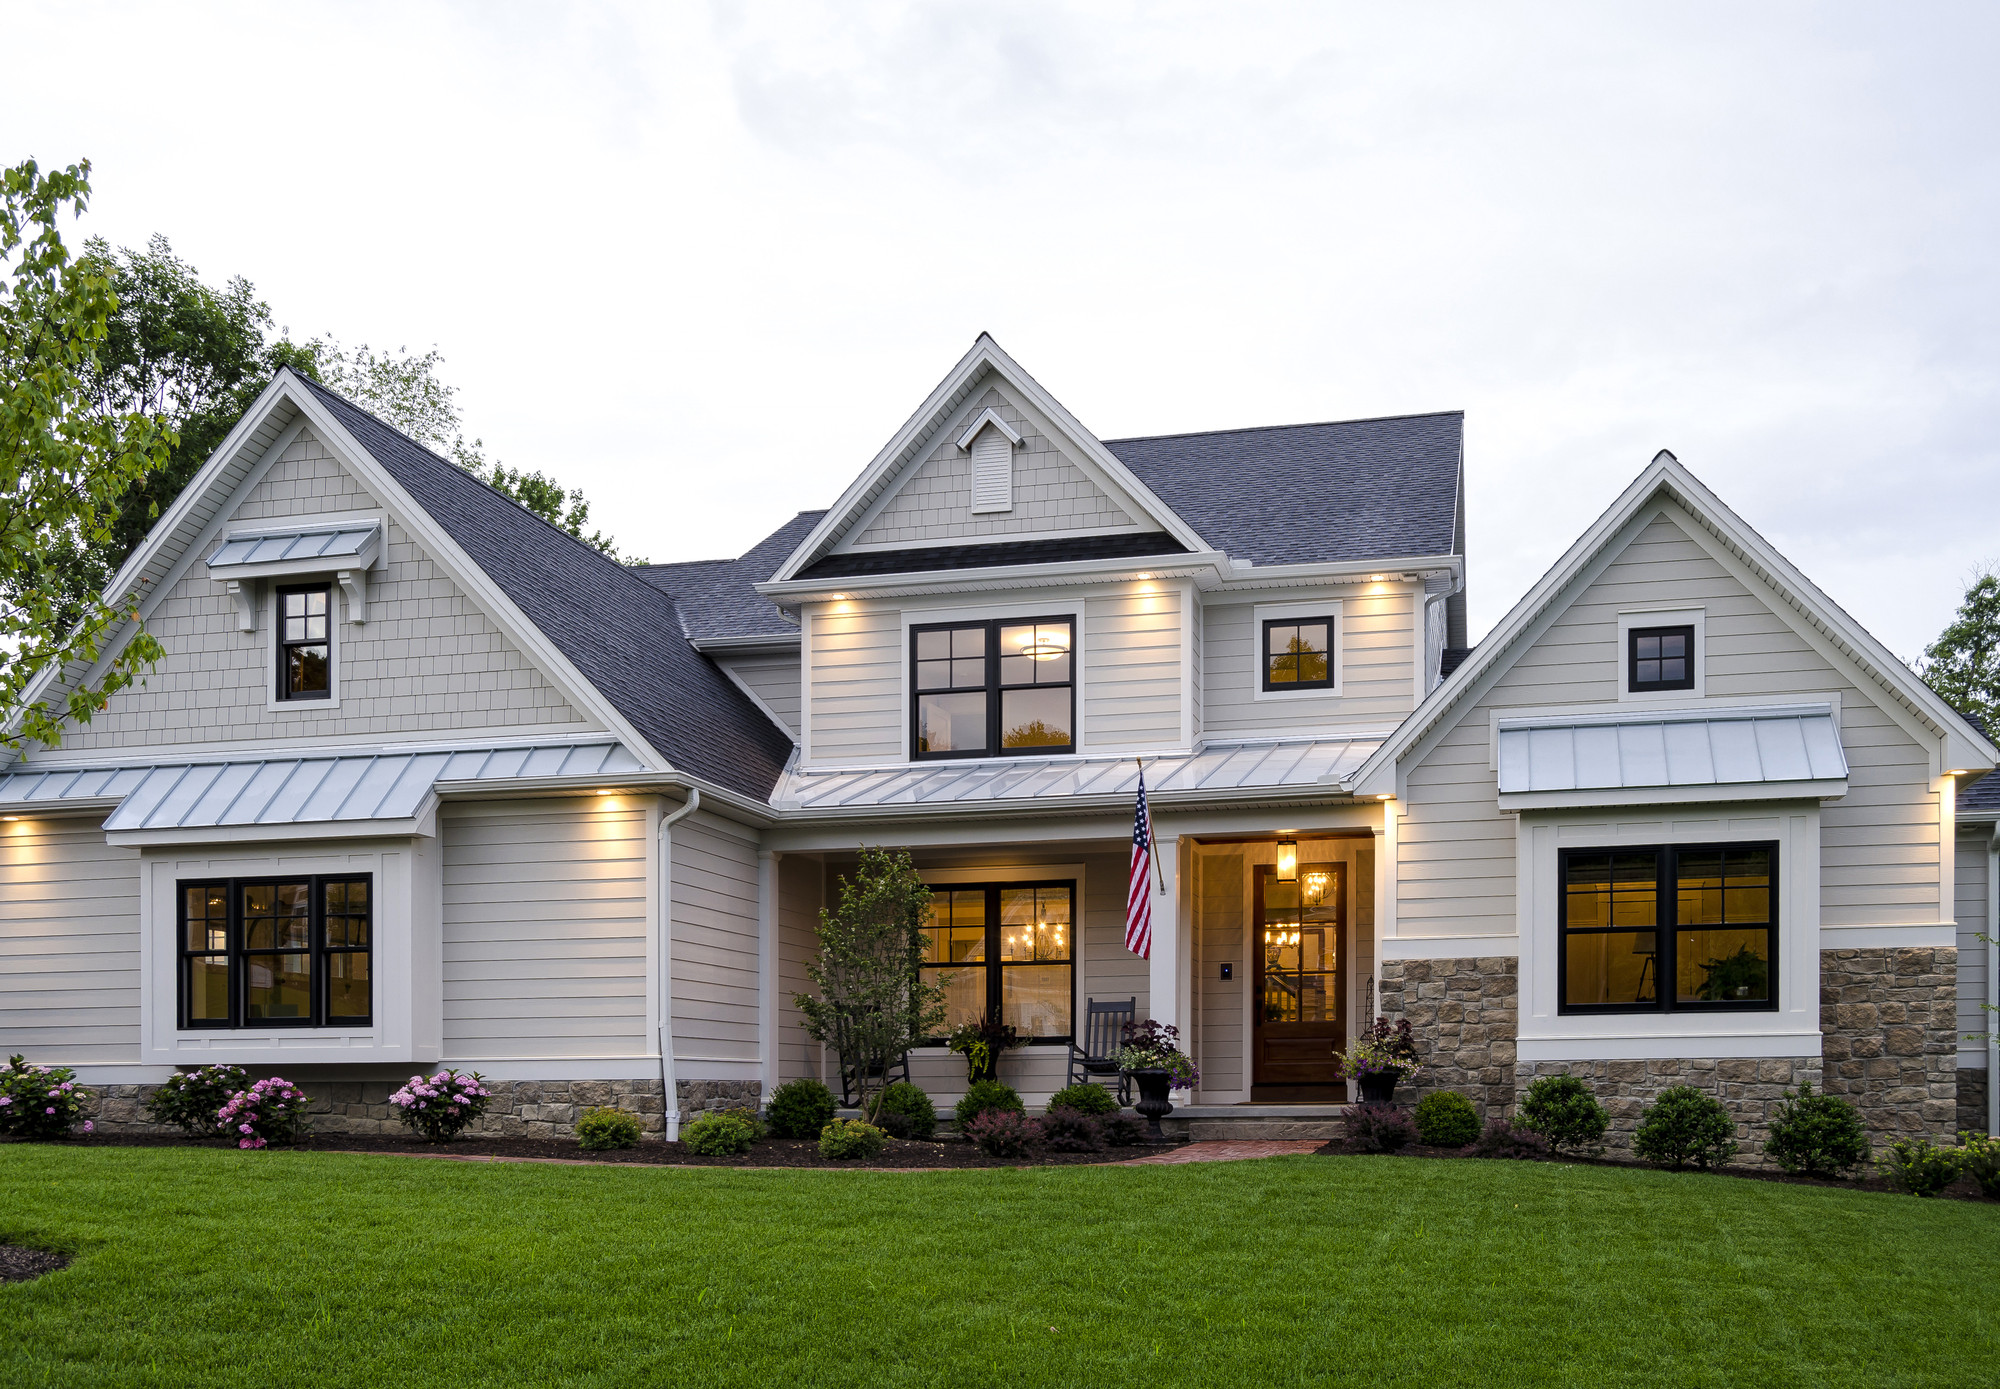 Custom Home Design/Build